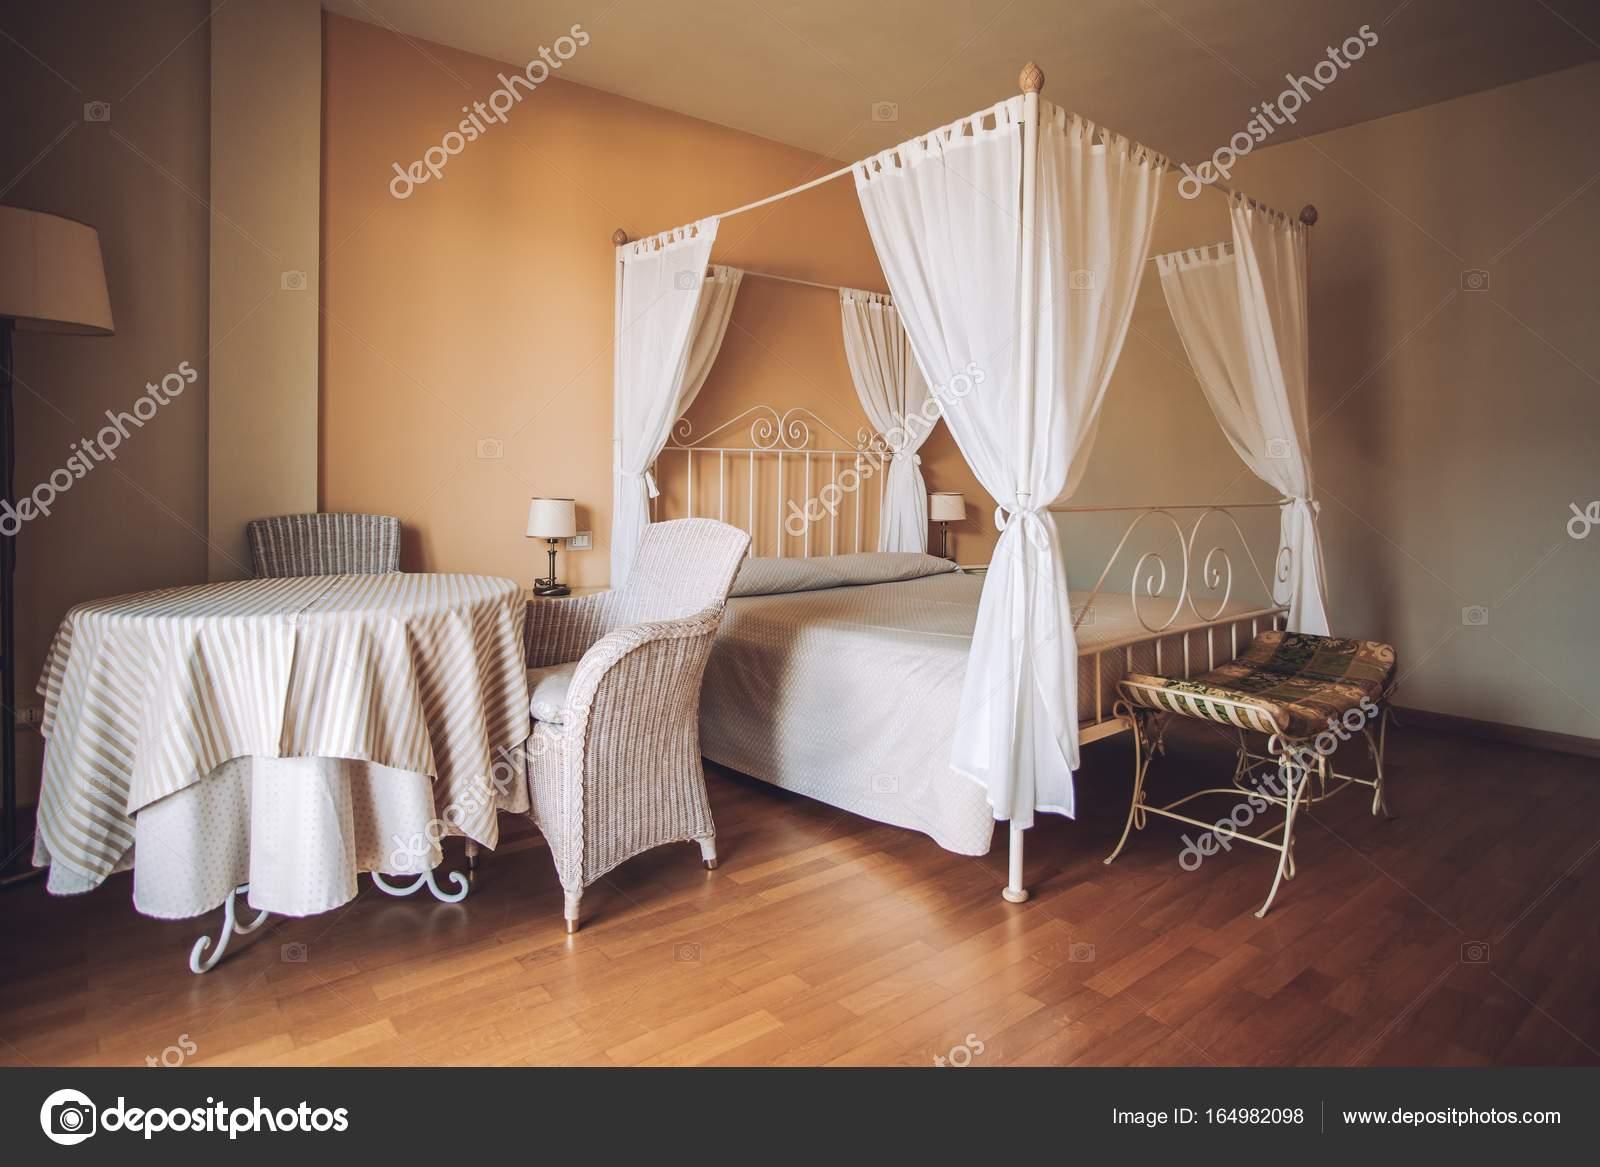 Camera da letto in colori chiari. Grande letto matrimoniale in ...